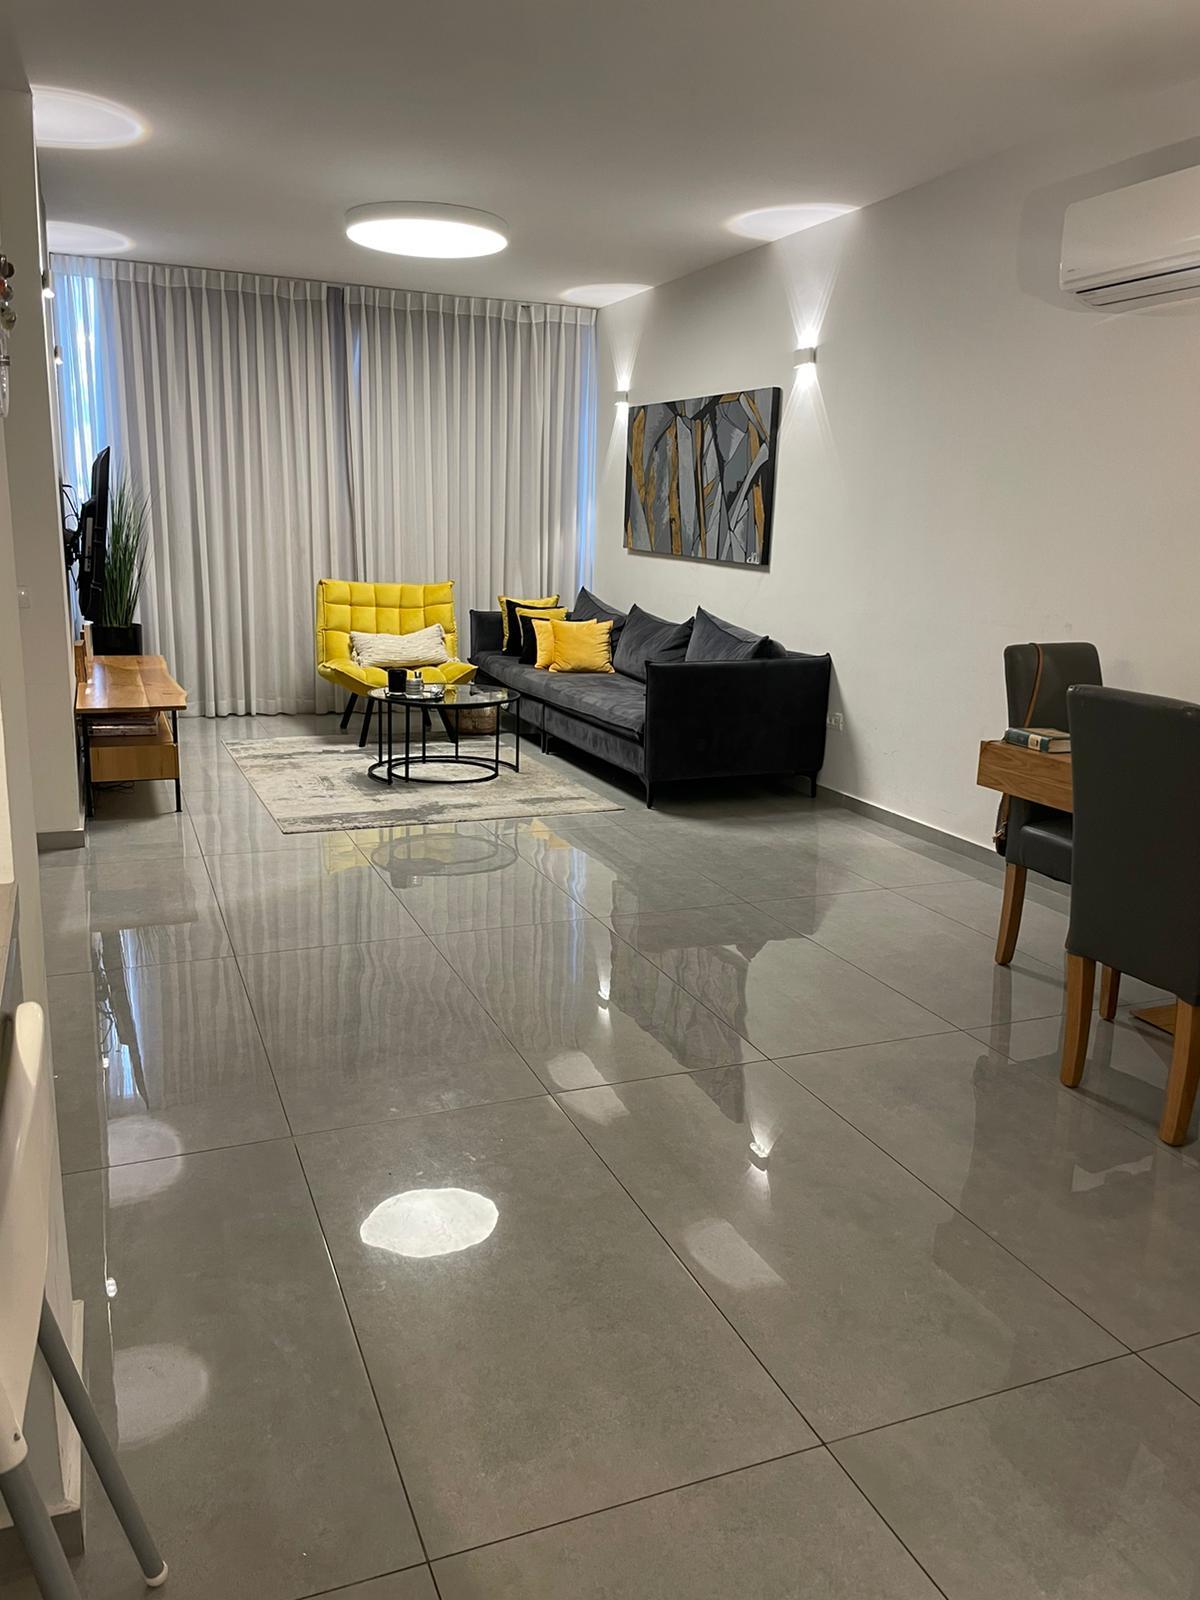 4 חדרים להשכרה מעוצבת אדריכלית בשכונת רסקו חולון